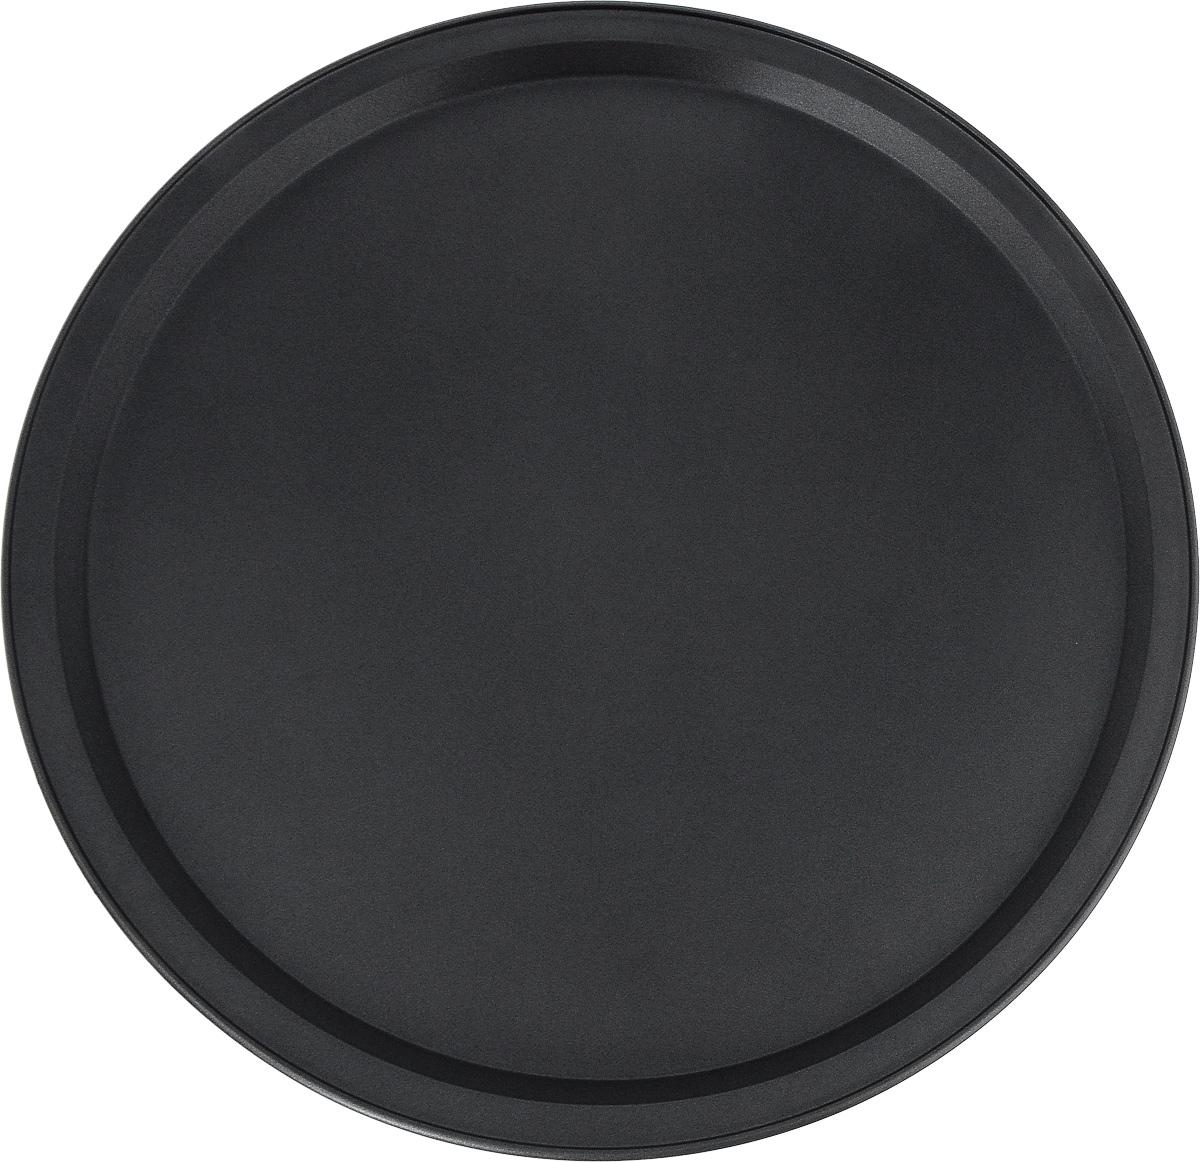 Форма для пиццы Termico Classico, с антипригарным покрытием, диаметр 33 смFS-91909Круглая форма для пиццы Termico Classico изготовлена из углеродистой стали с антипригарным покрытием. Покрытие экологичное и безопасное для здоровья, оно не содержит примеси PFOA, свинца и кадмия. Благодаря антипригарному покрытию нет необходимости использовать подсолнечное масло. Пища не пригорает и не прилипает к стенкам, легко достается из формы, сохраняя при этом аккуратный внешний вид. Изделие прослужит долго и обеспечит легкое и удобное приготовление вашей любимой пиццы. Можно использовать в духовом шкафу при температуре до 250°С. Внутренний диаметр формы: 30,5 см.Размер формы с учетом ручек: 33 х 33 х 1,8 см.